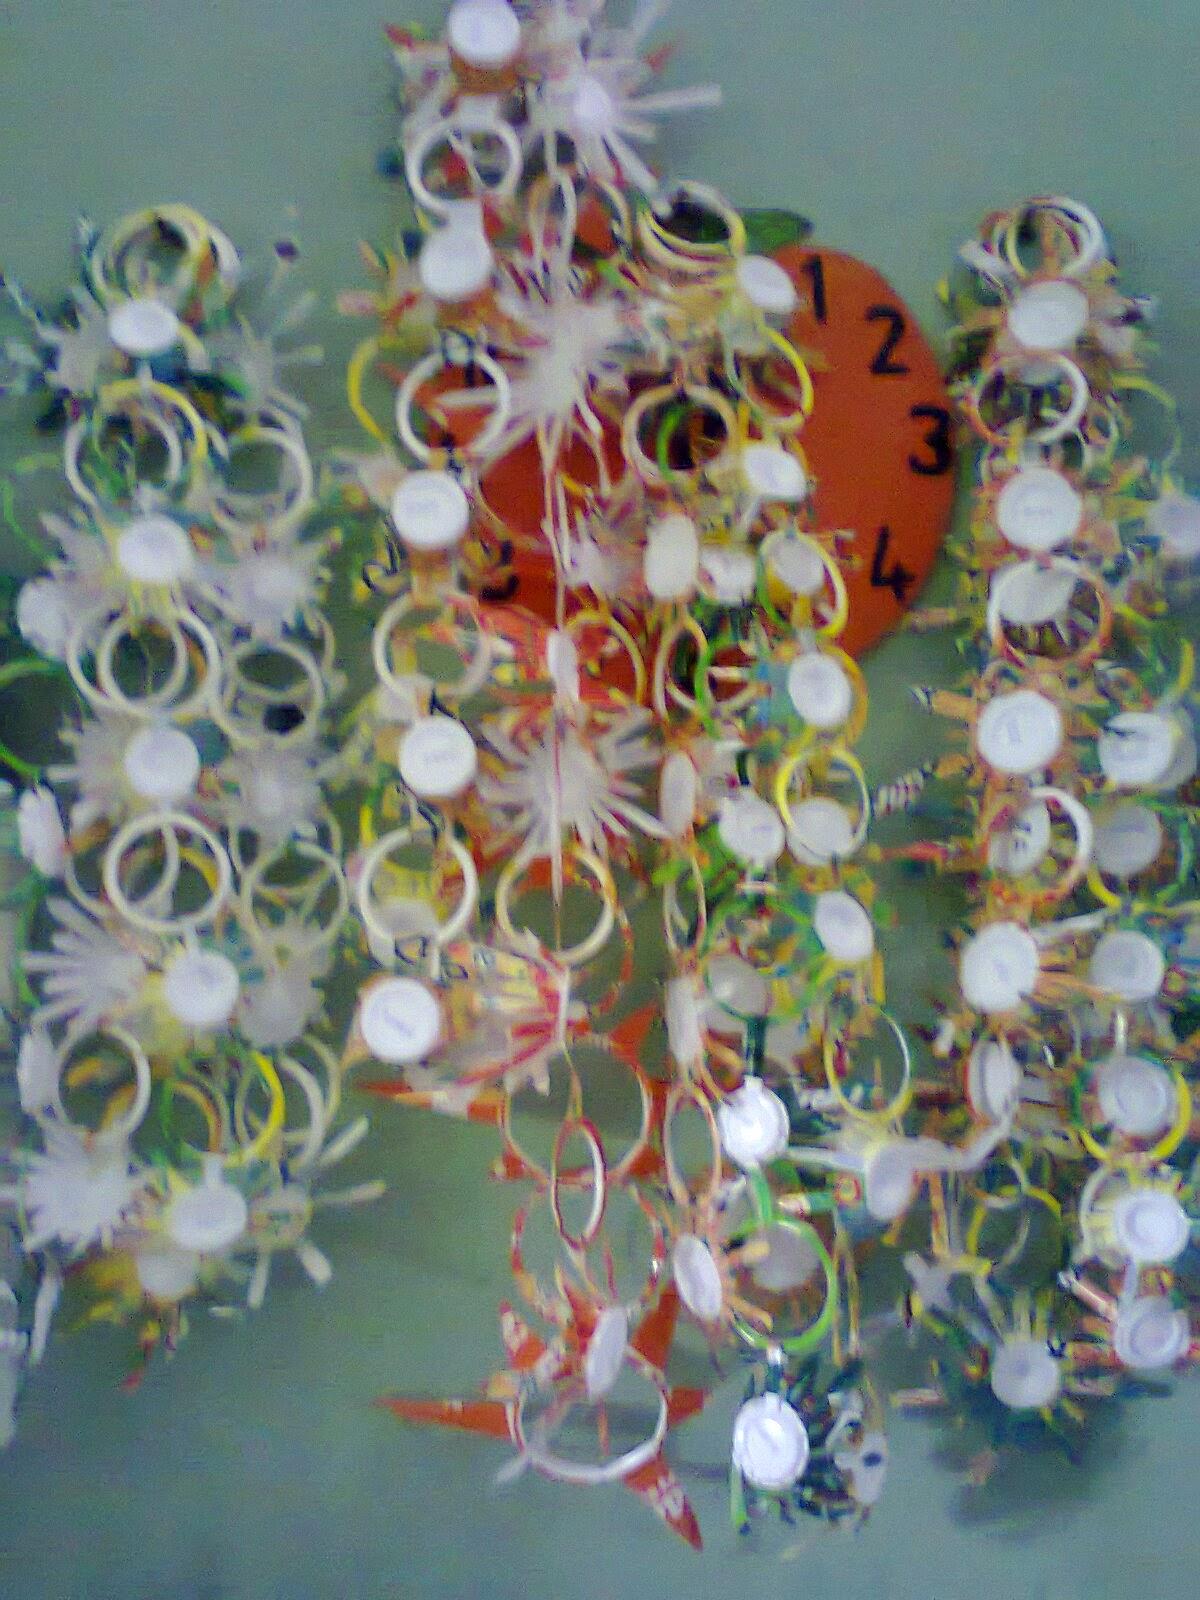 Tikapanca daur ulang gelas plastik bekas minuman maka saya mengajak para siswa untuk membuat kreatifitas dari sampah plastik tersebut lumayanlah bisa digunakan sebagai hiasan dinding thecheapjerseys Gallery